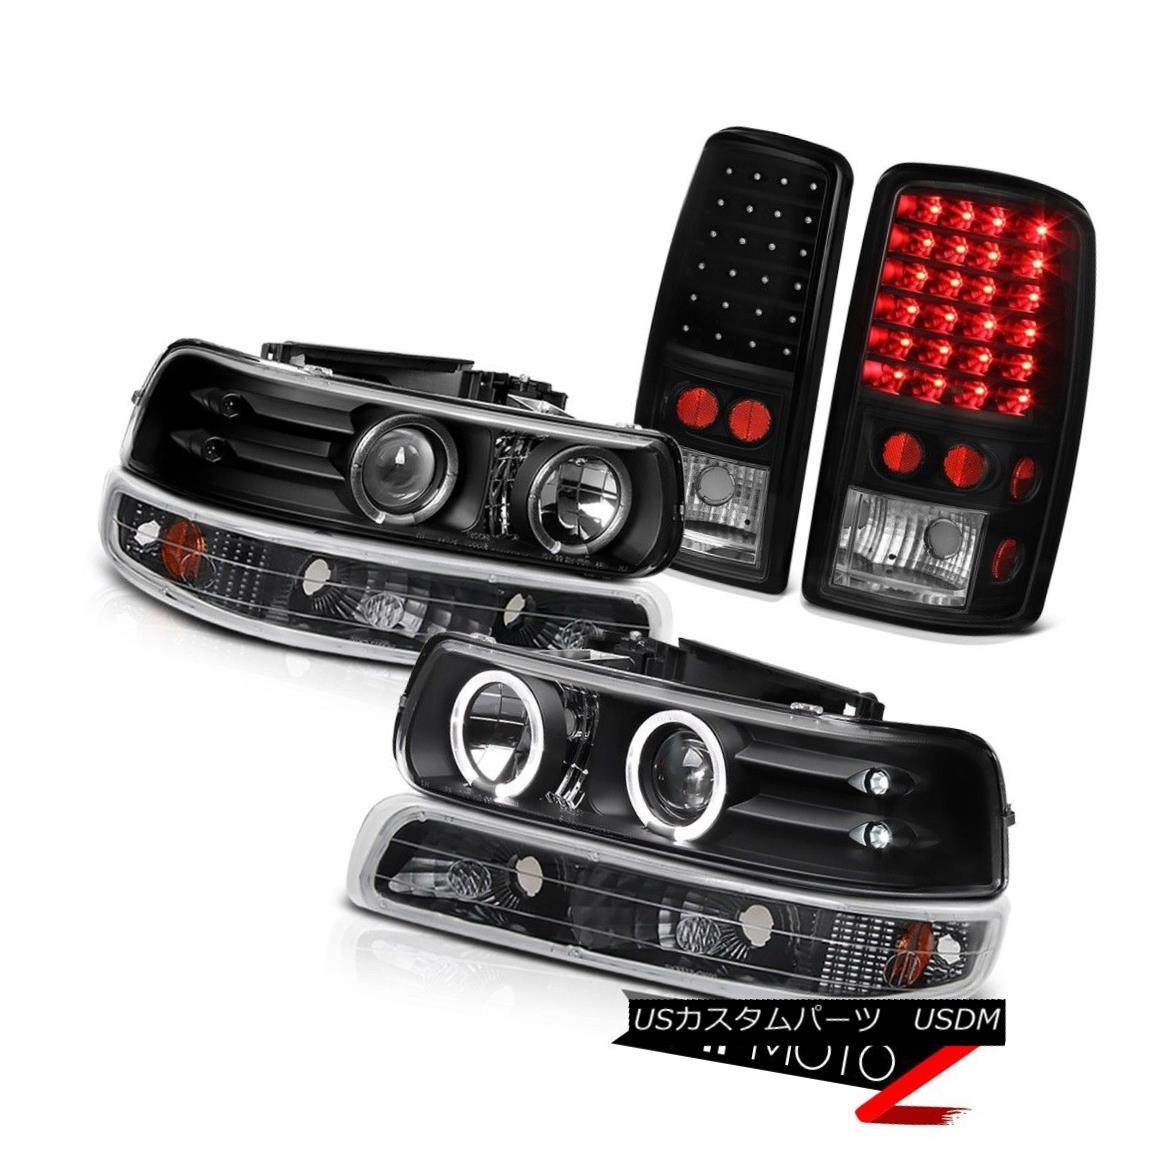 テールライト 2000-2006 Tahoe 4.8L LED Angel Eye Projector Headlights Black Signal Taillights 2000-2006タホ4.8L LEDエンジェルアイプロジェクターヘッドライトブラックシグナルテールライト